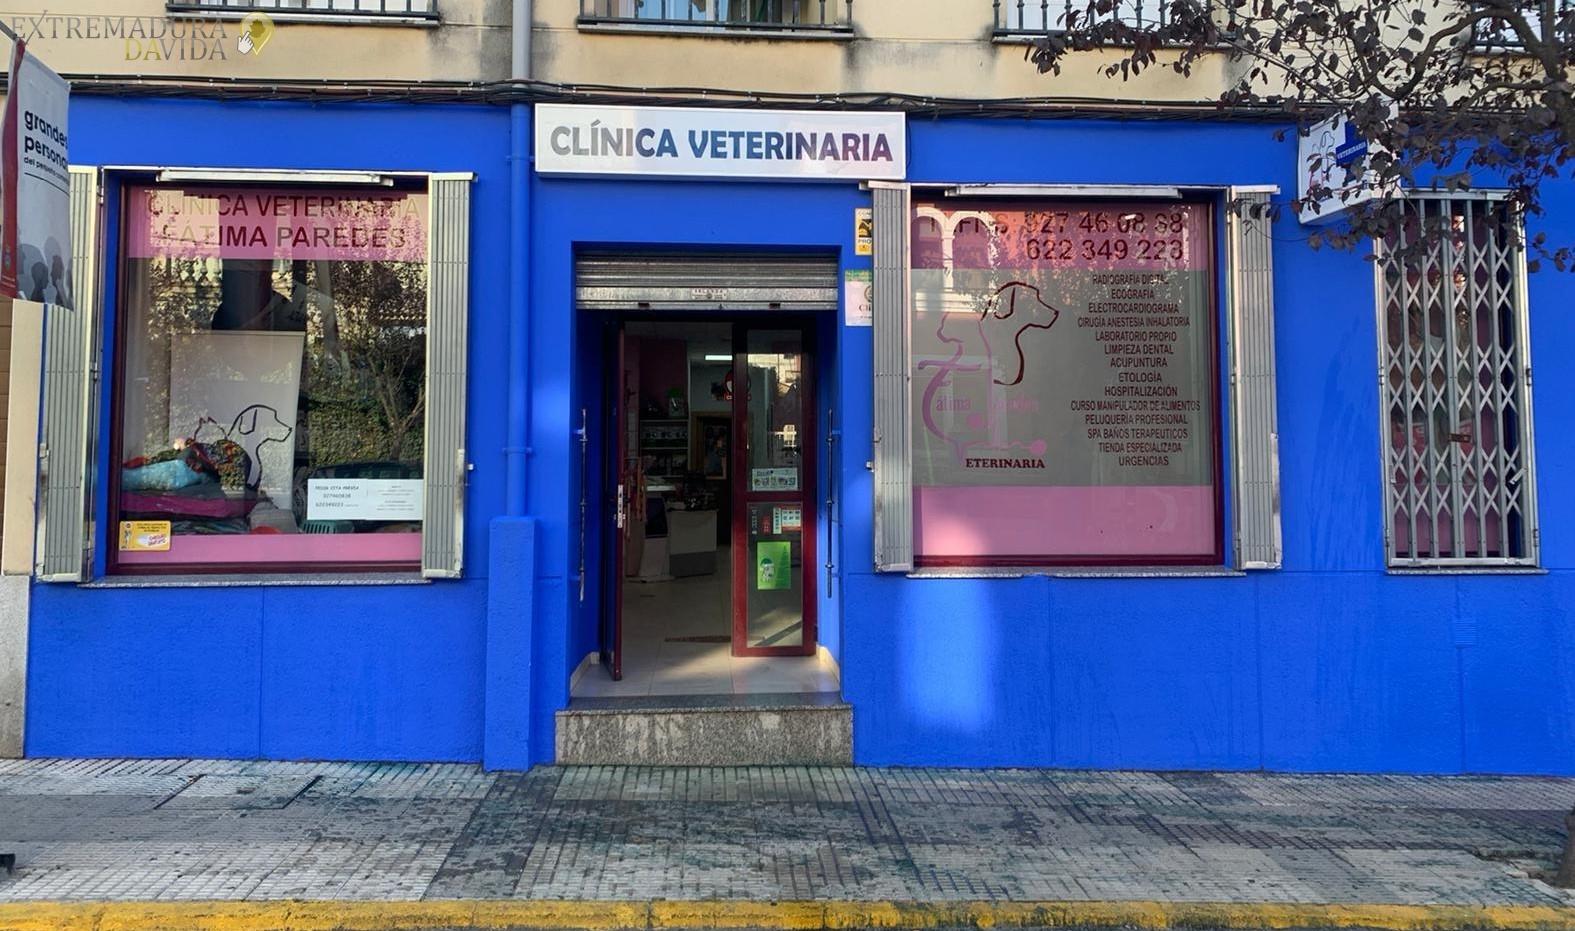 Clinica veterinararía en la Vera Fatima Paredes Jaraiz